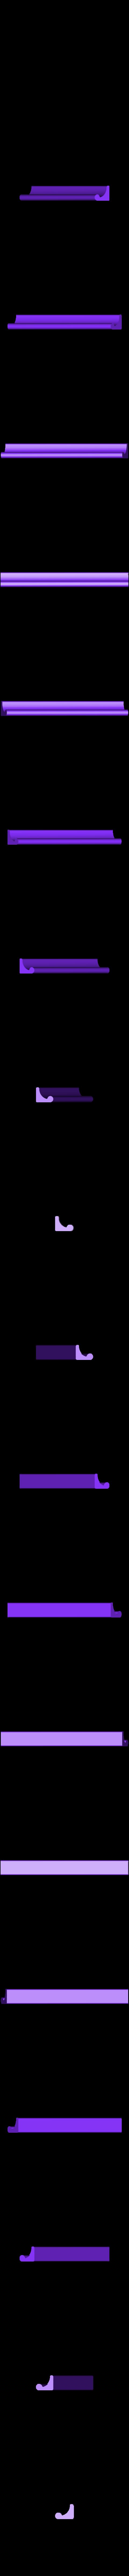 Rack.STL Télécharger fichier STL gratuit Pièces et support SCRABBBLE • Design pour imprimante 3D, Balkhagal4D